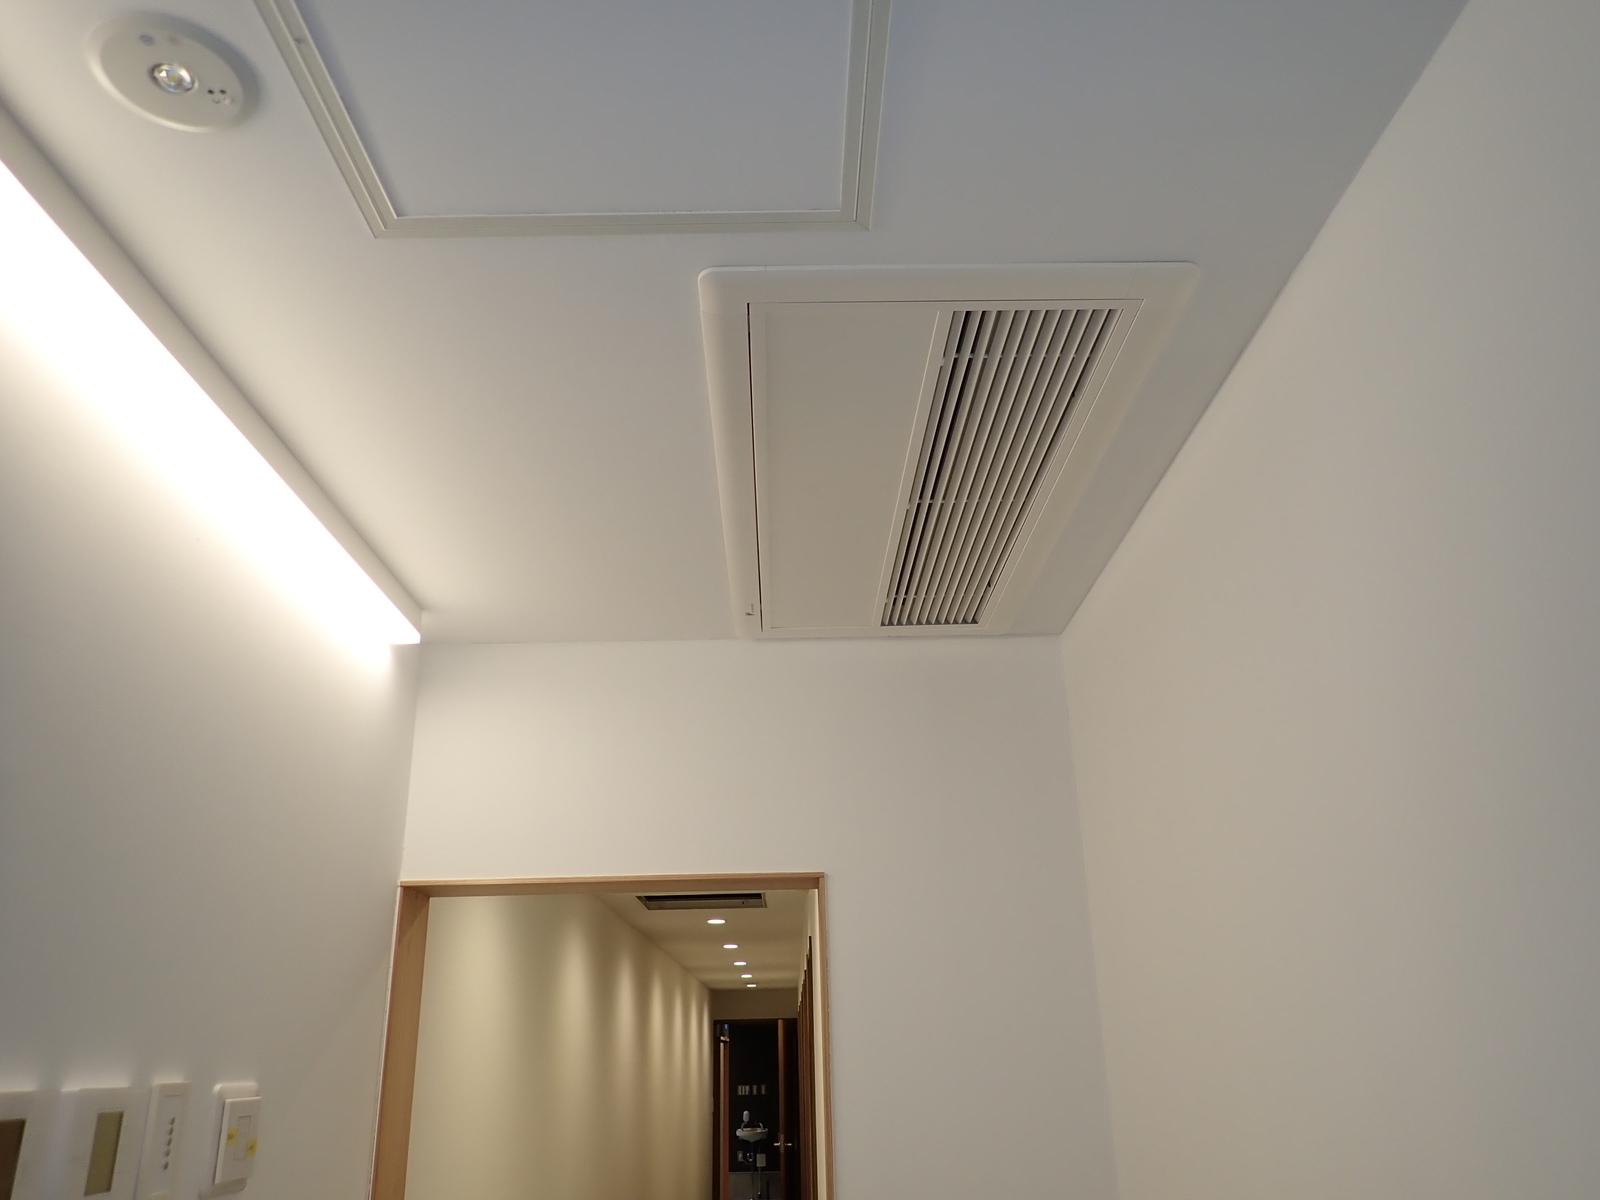 換気扇・空調機器の写真4